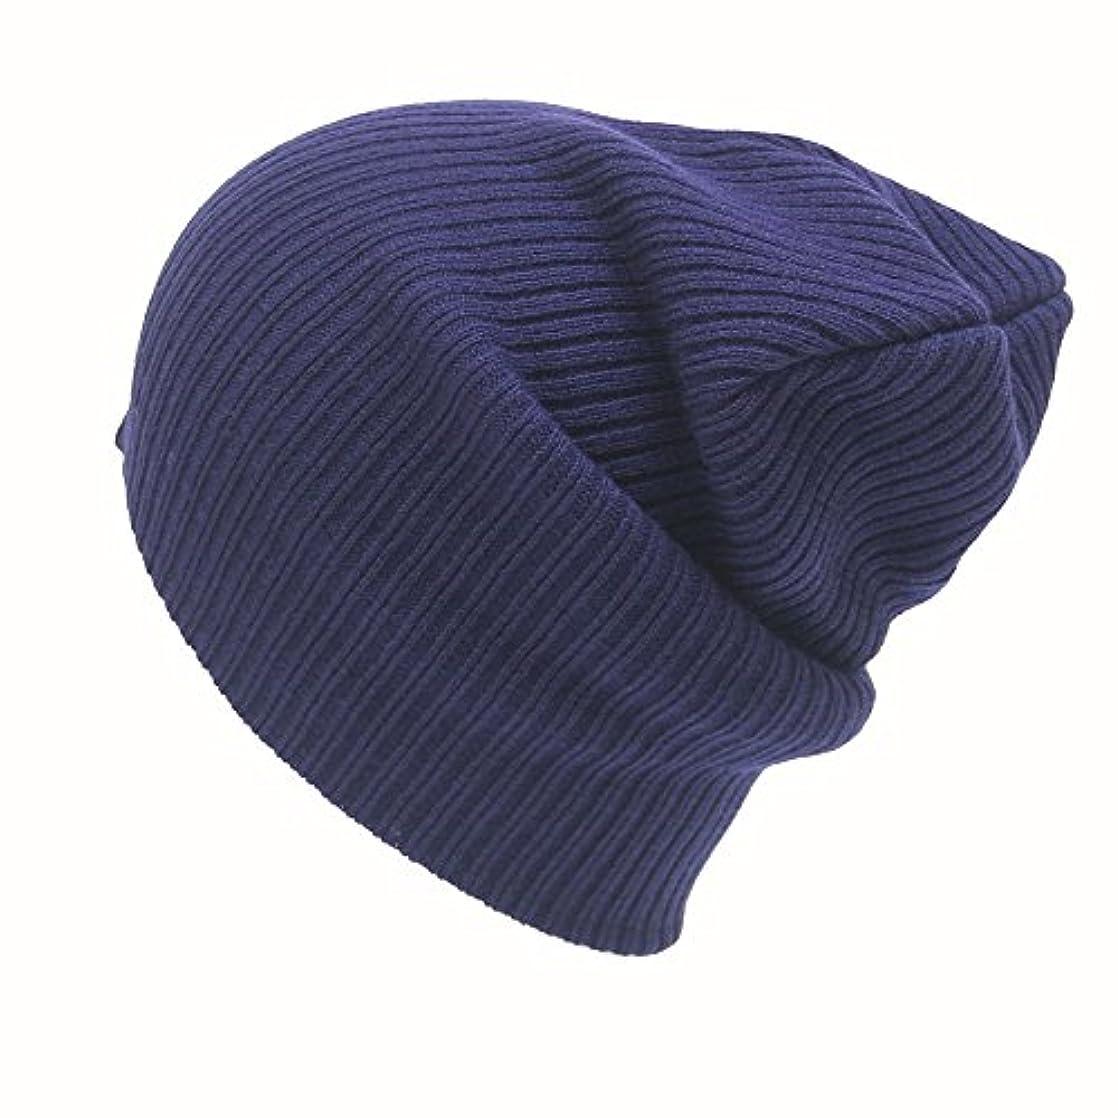 成分ステレオ滝Racazing 選べる7色 ニット帽 編み物 ストライプ ニット帽 防寒対策 通気性のある 防風 暖かい 軽量 屋外 スキー 自転車 クリスマス Hat 男女兼用 (ネービー)